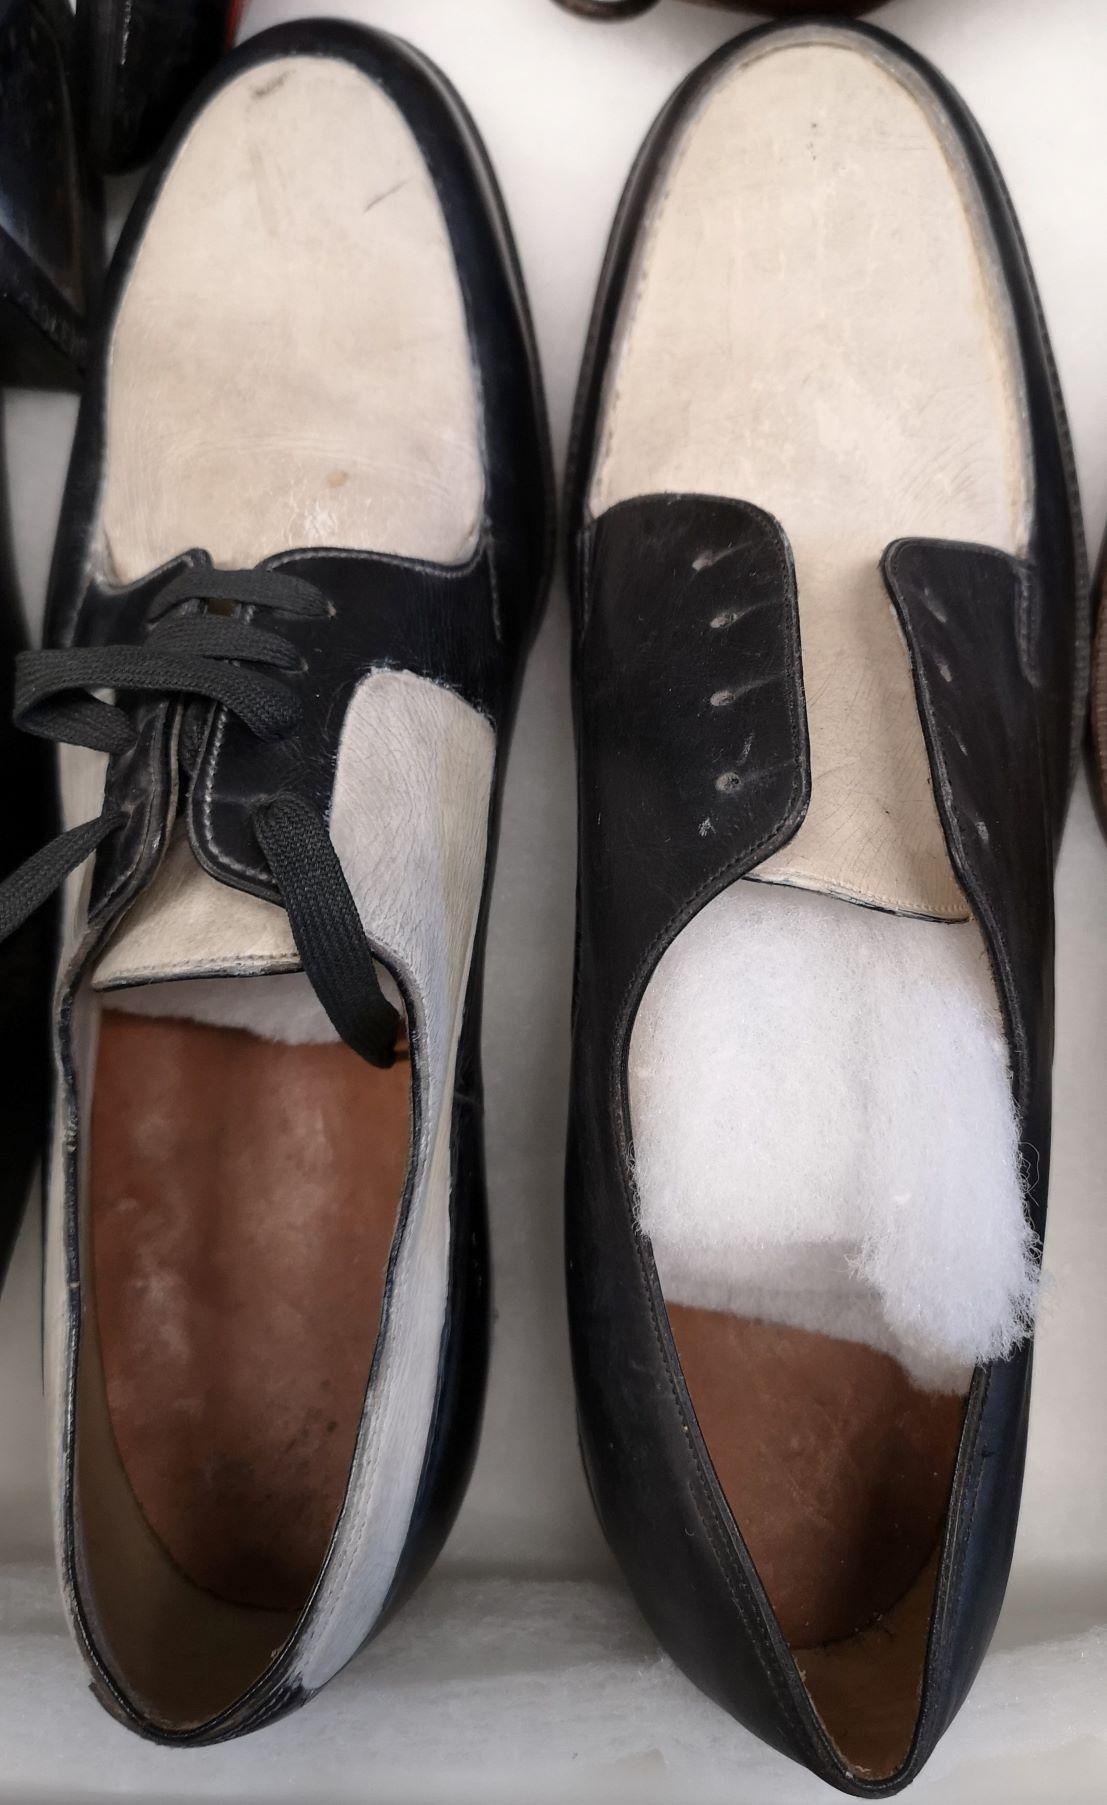 Par de zapatos bicolor